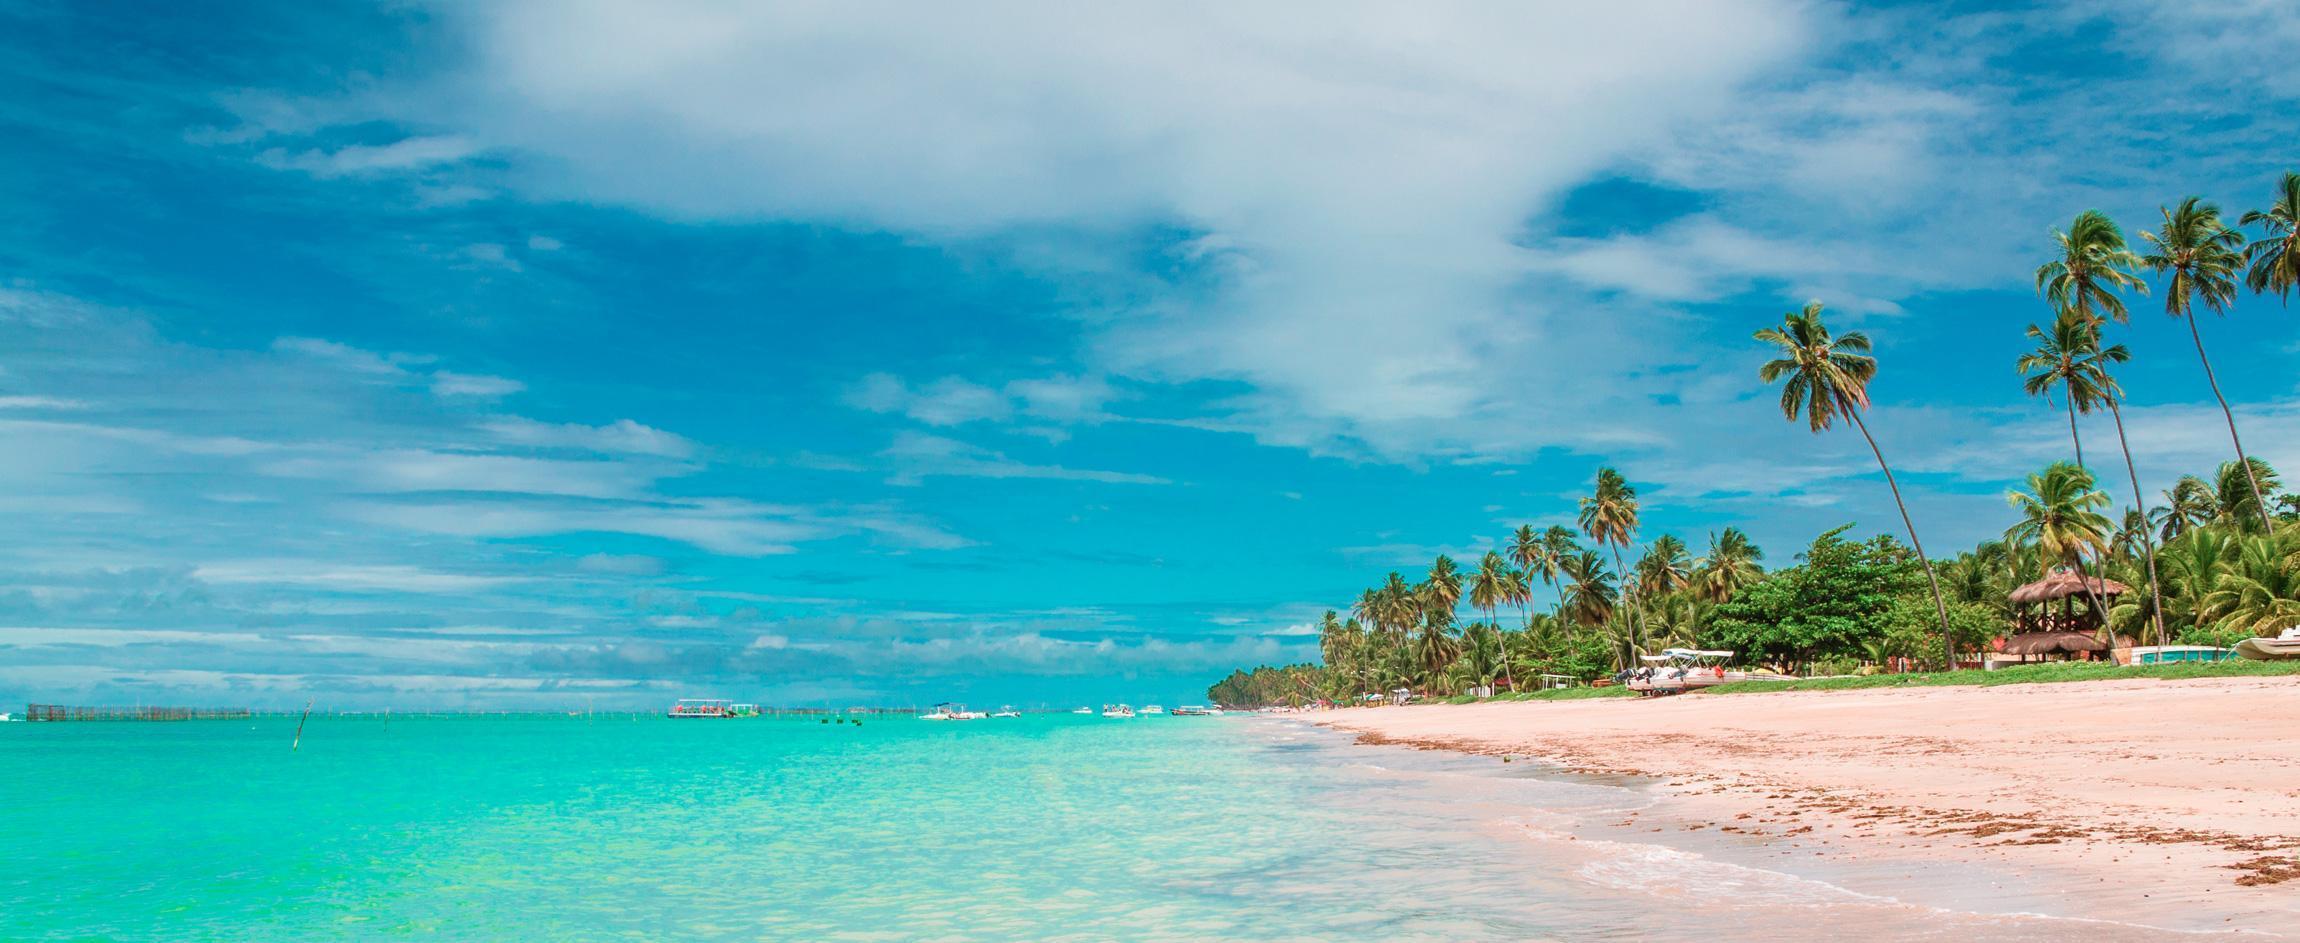 praia com coqueiros e céu azul em maceió